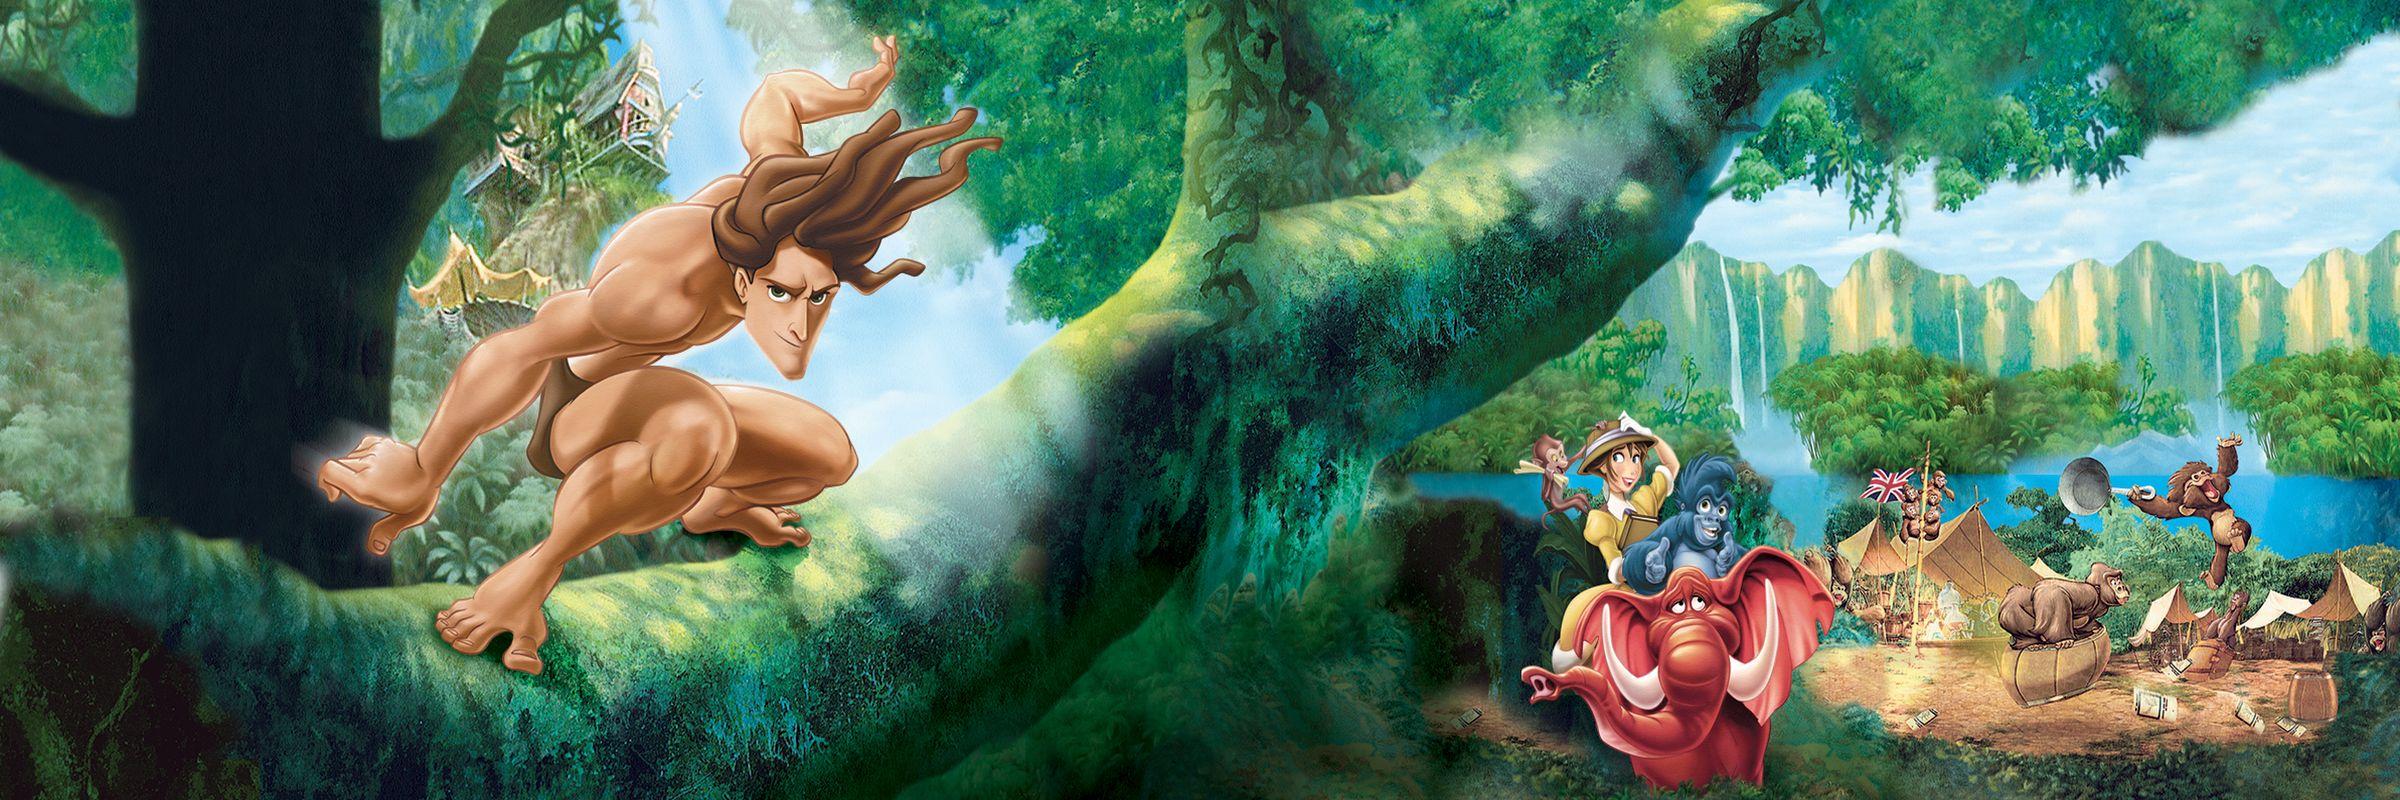 Tarzan | Full Movie | Movies Anywhere